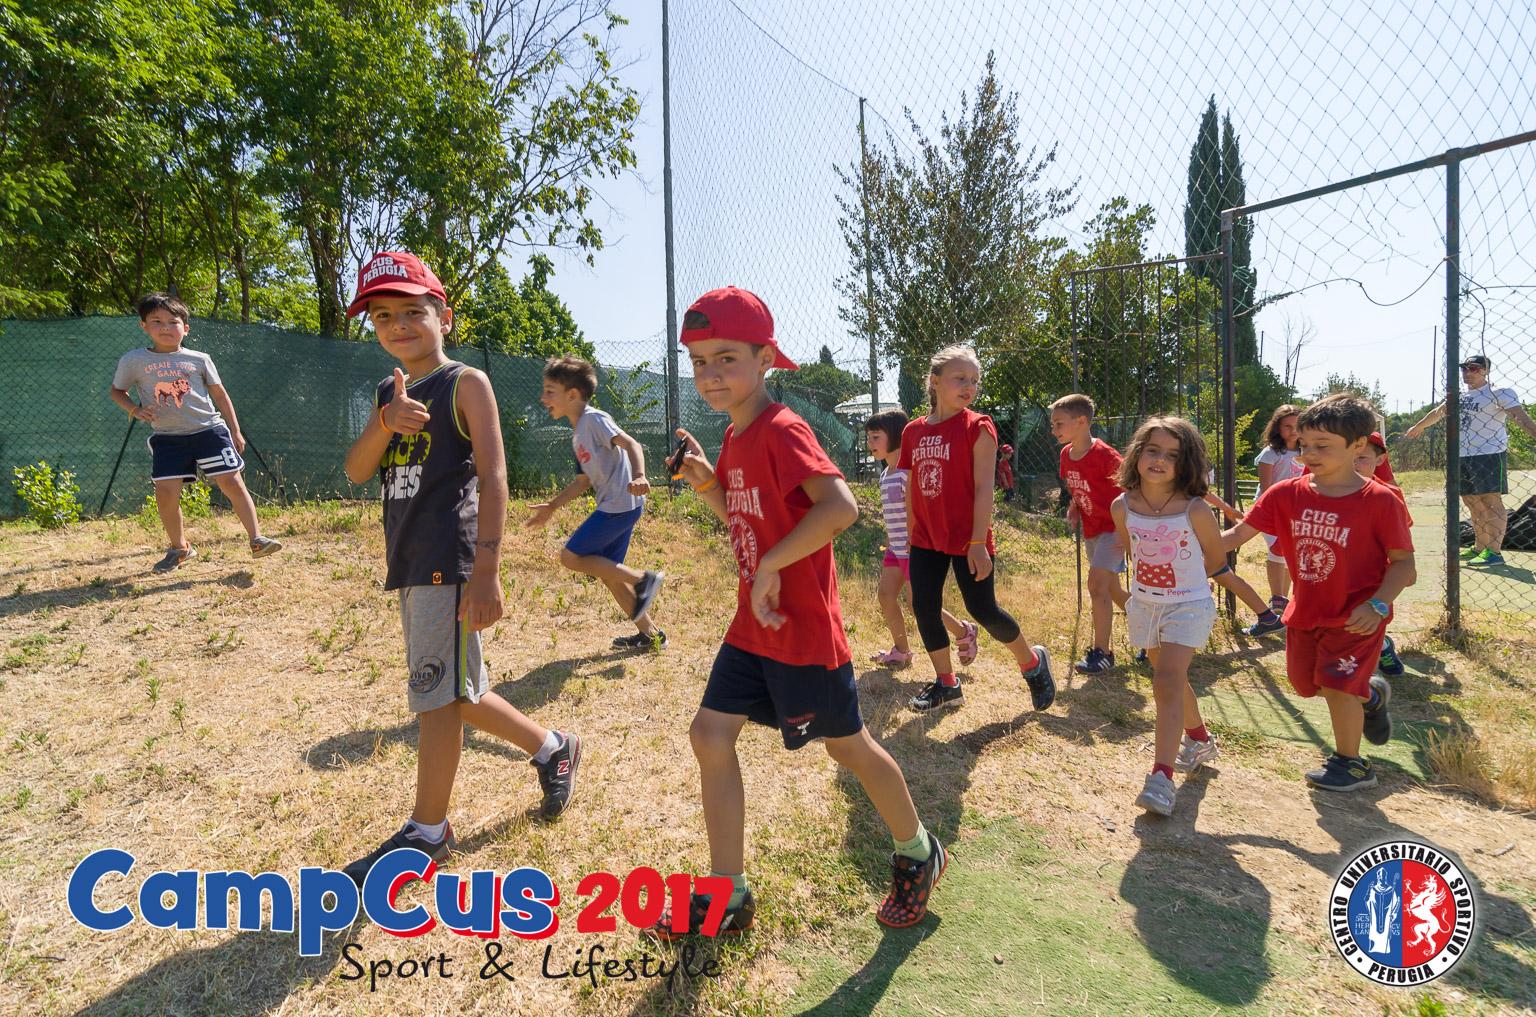 durante CampCus 2017 presso Centro Sportivo Bambagioni Perugia IT, 22 giugno 2017. Foto: Michele Benda [riferimento file: 2017-06-22/_7K03110]